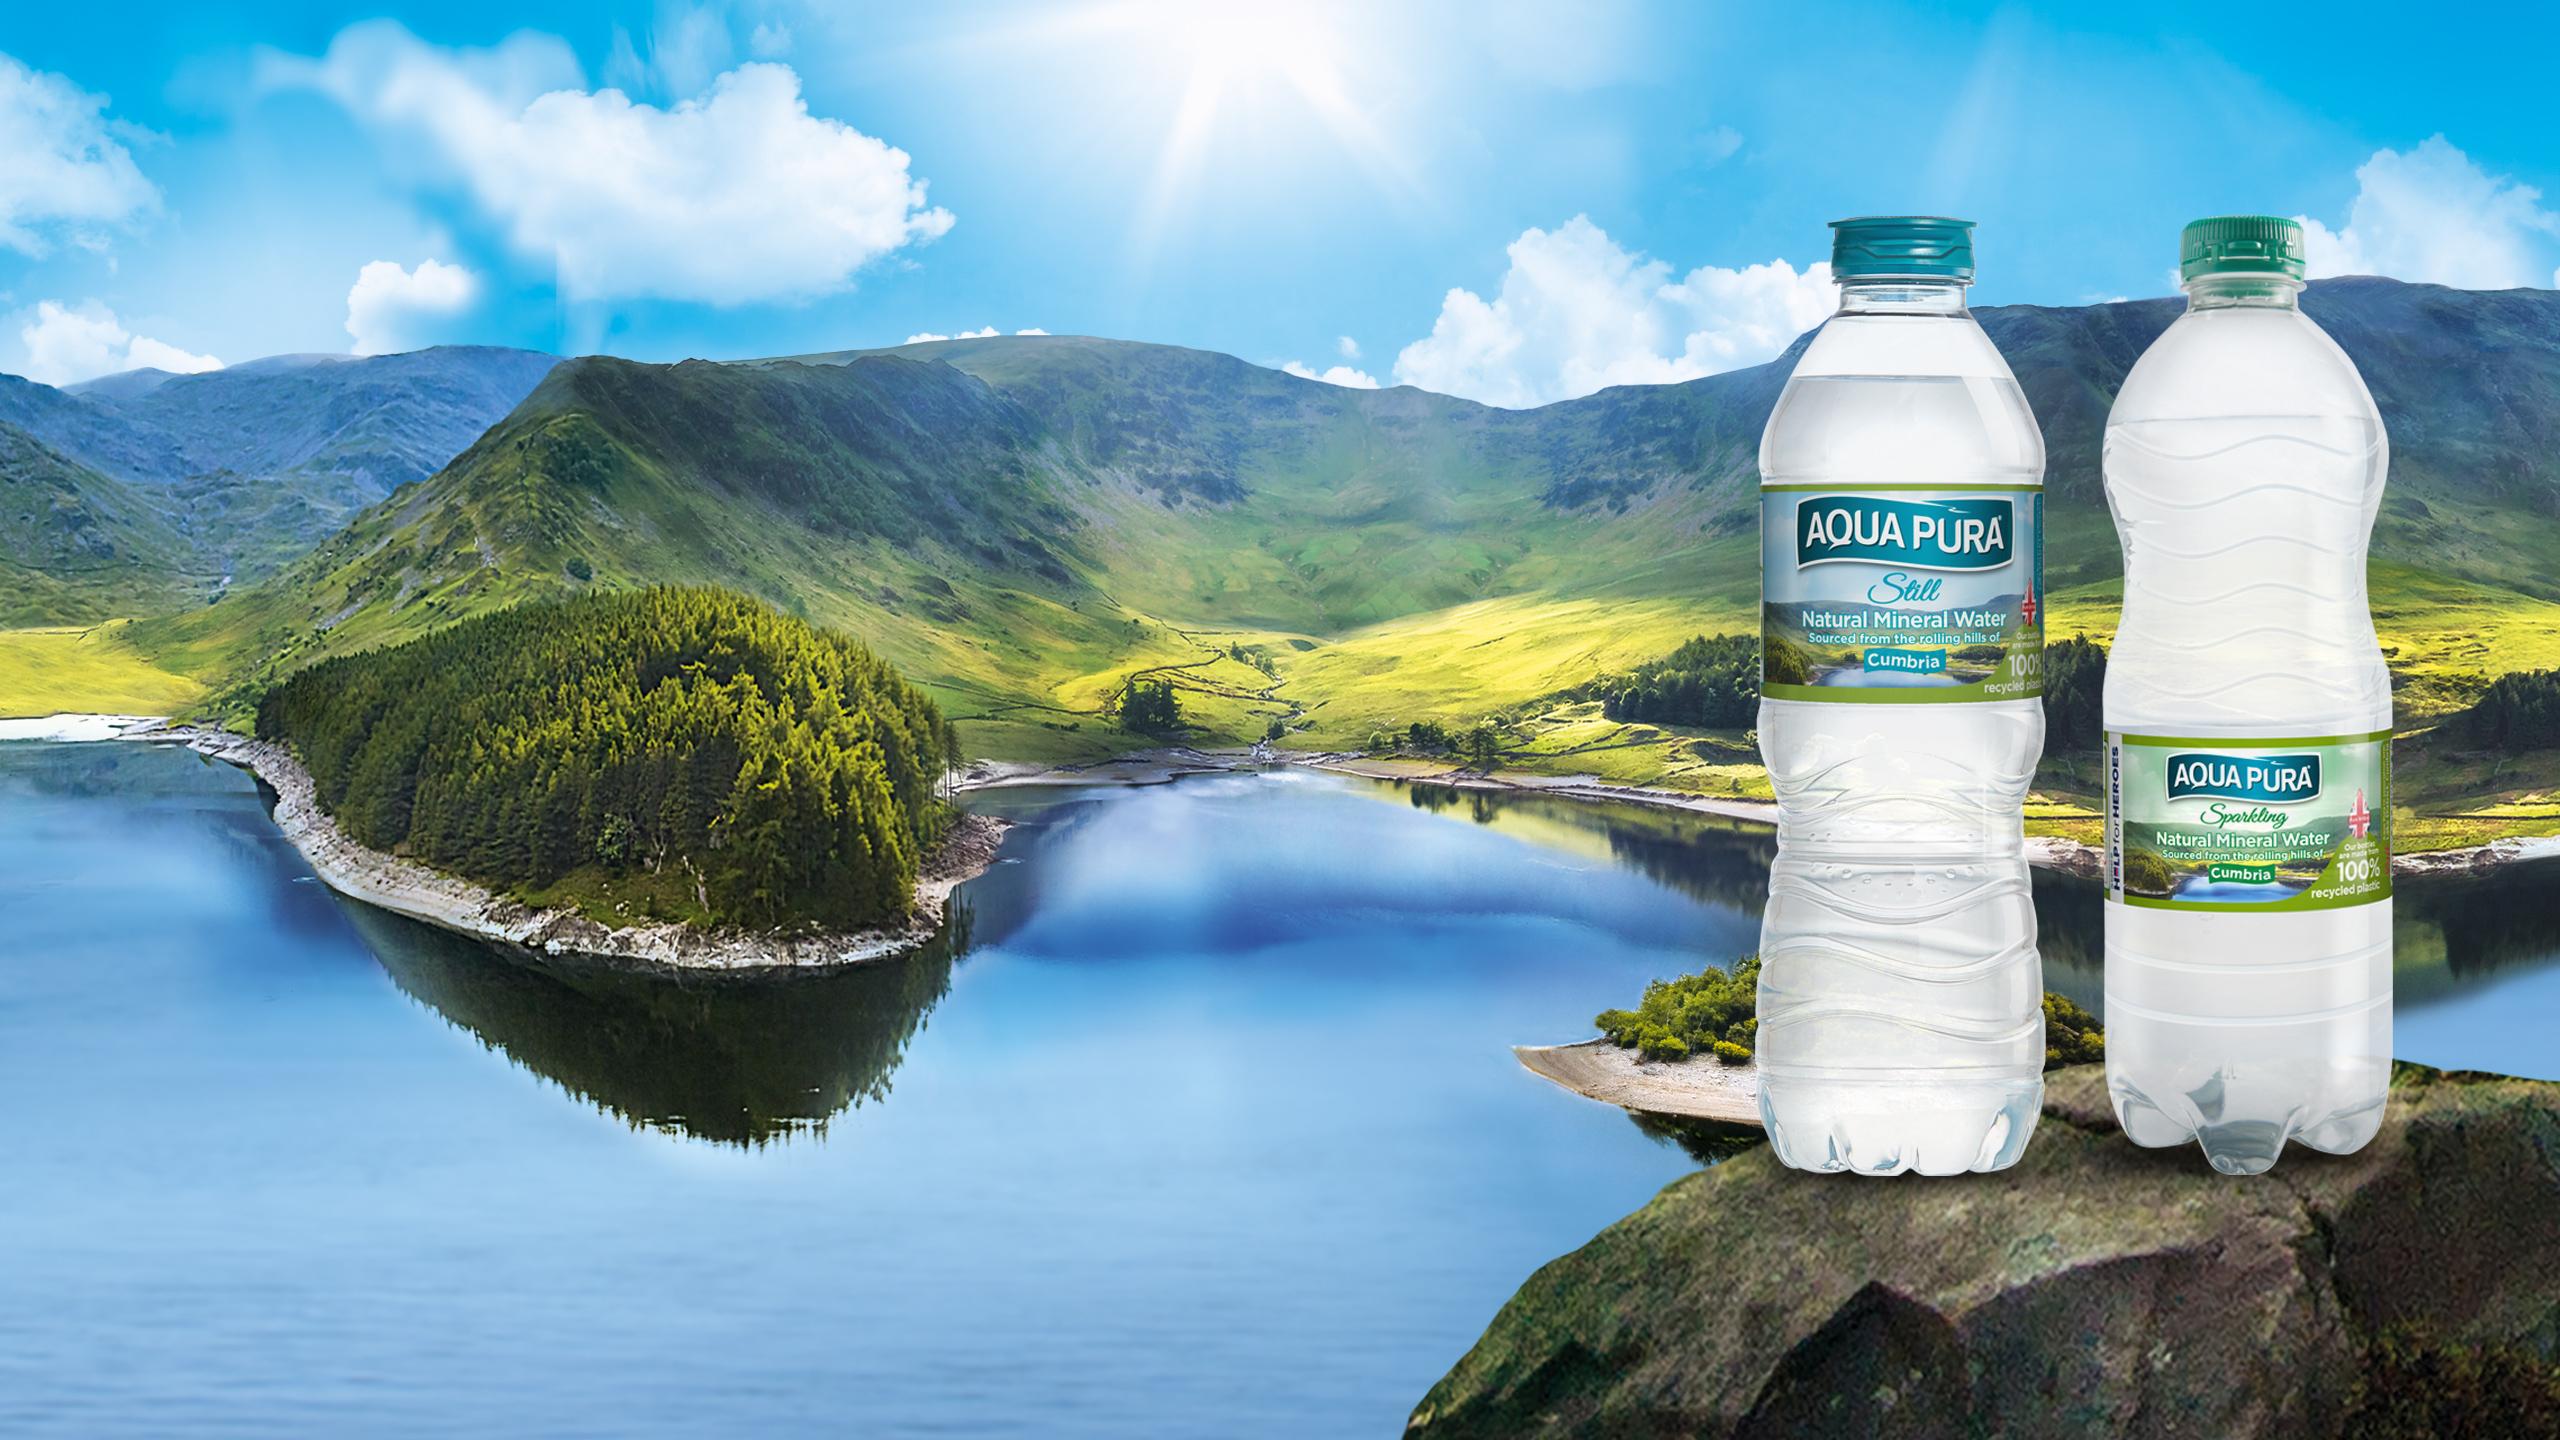 Aqua Pura Banner Image 1